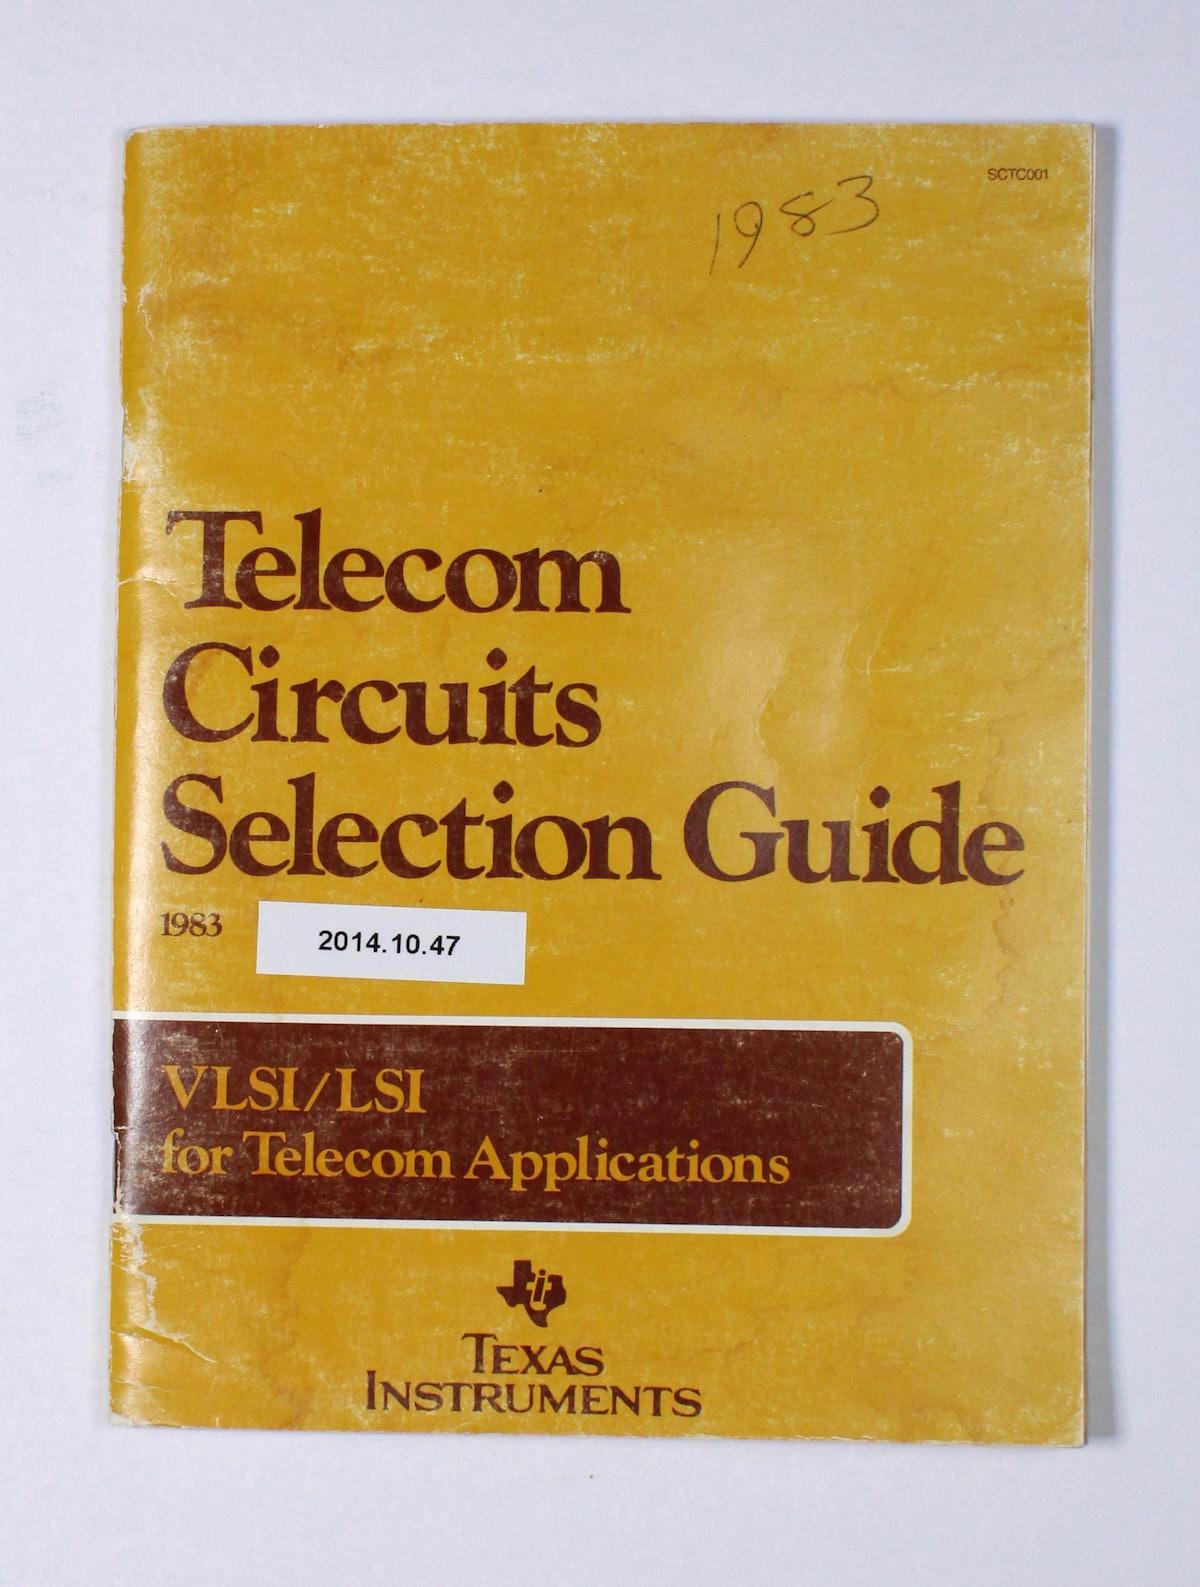 Telecom Circuits Selection Guide